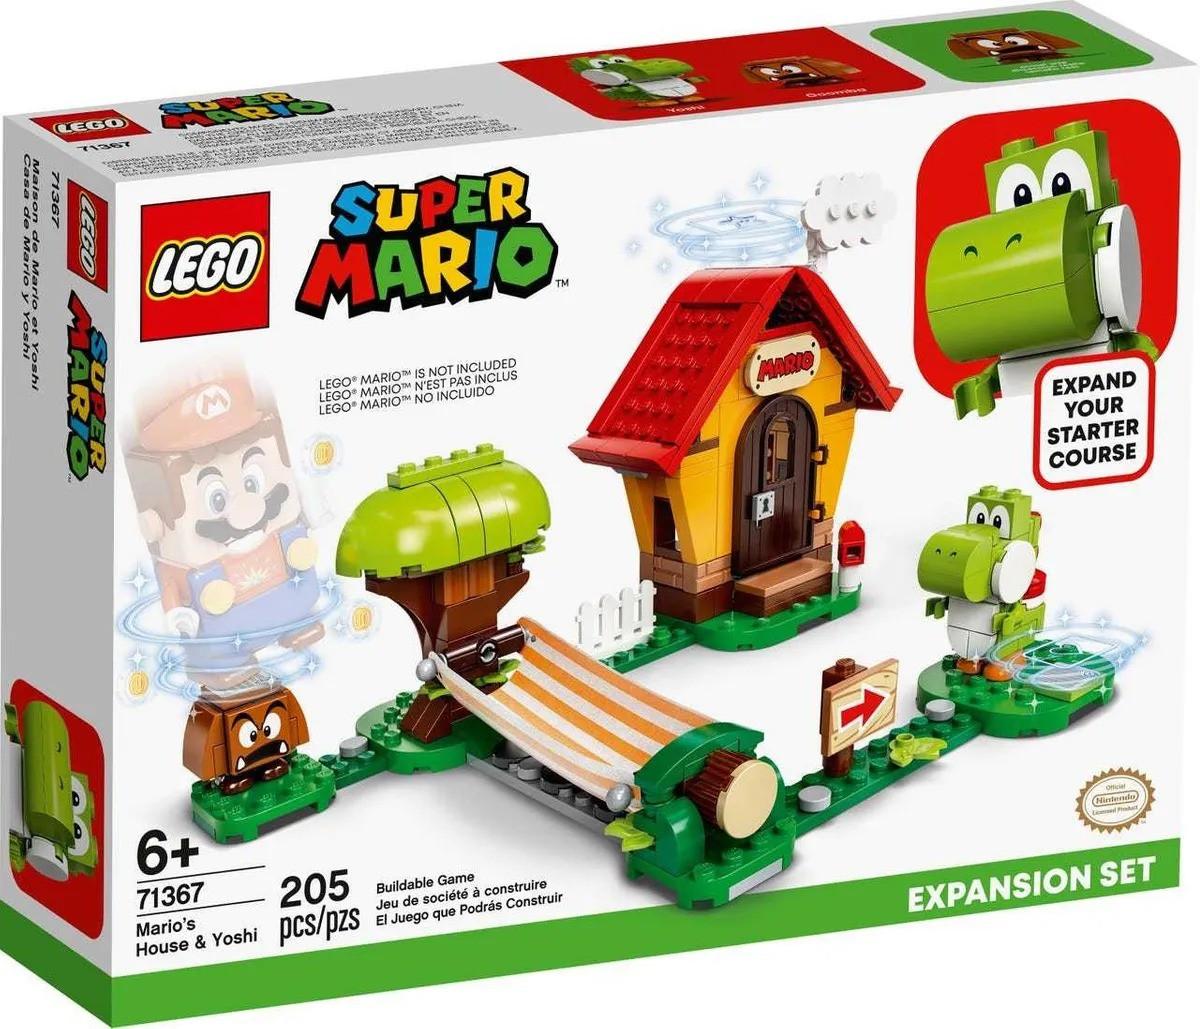 Lego 71367 Super Mario Casa De Mario E Yoshi Expansão – 205 peças